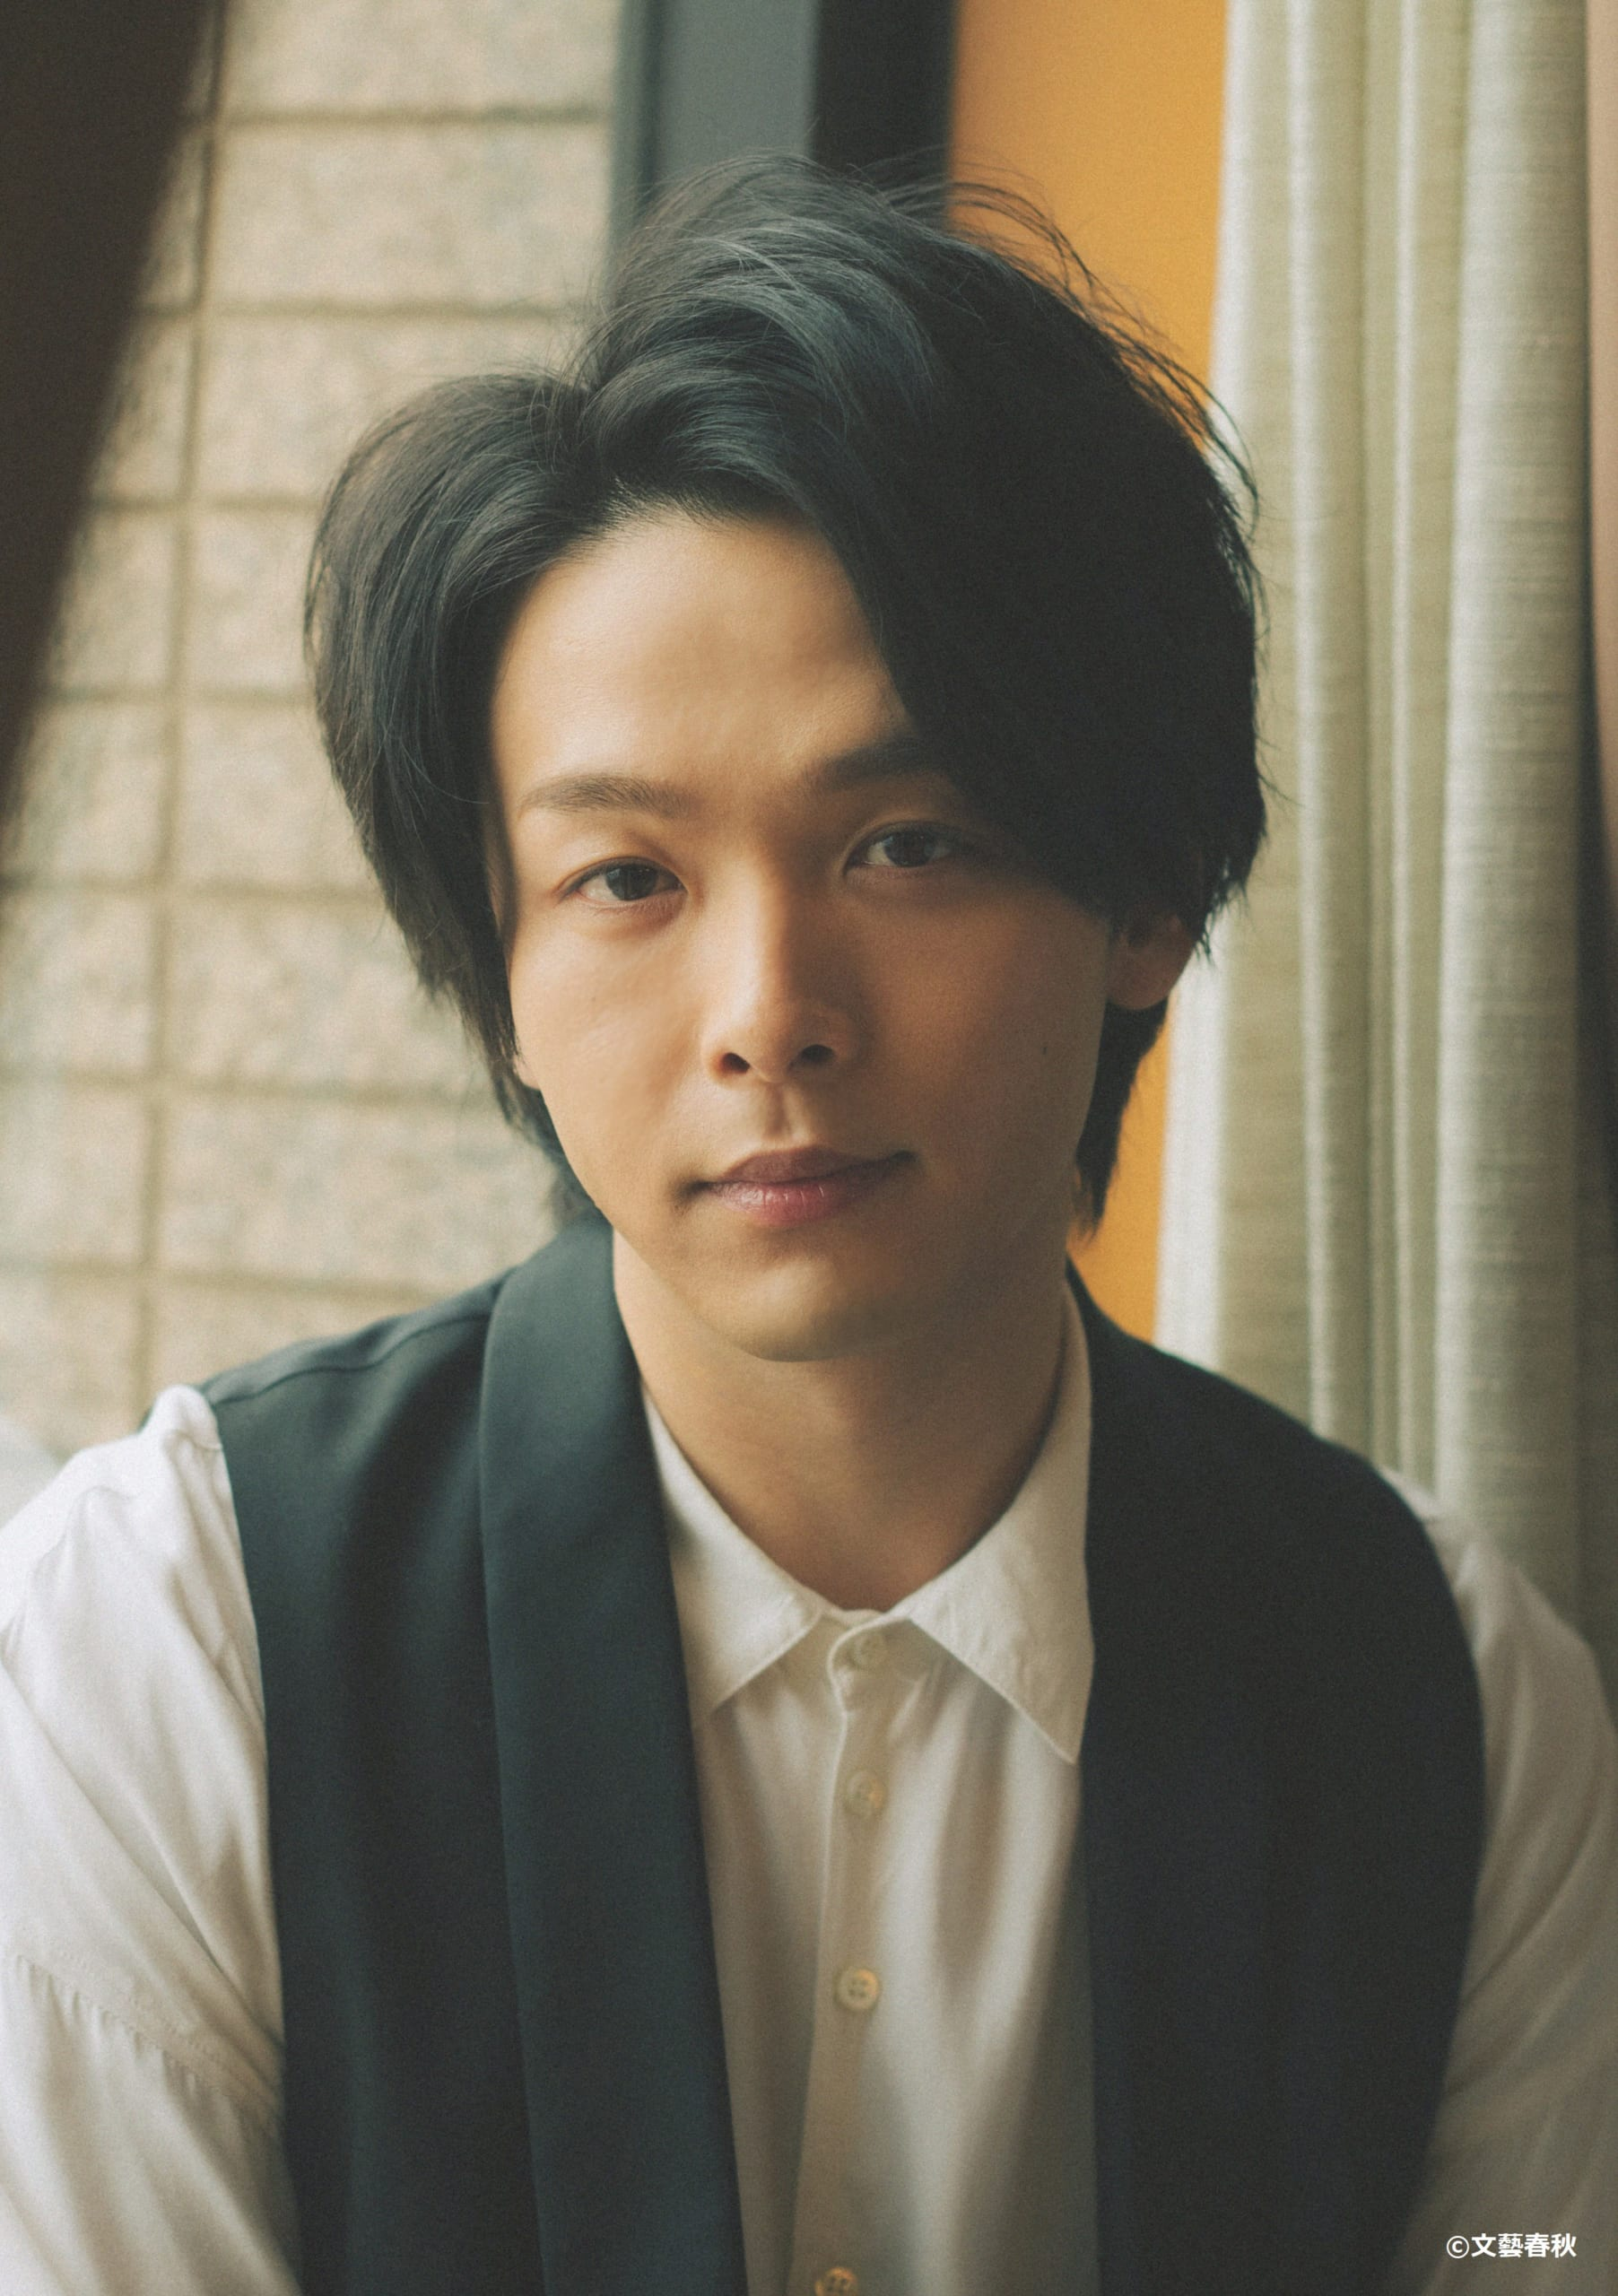 「100日間生きたワニ」ネズミ役:中村倫也さん